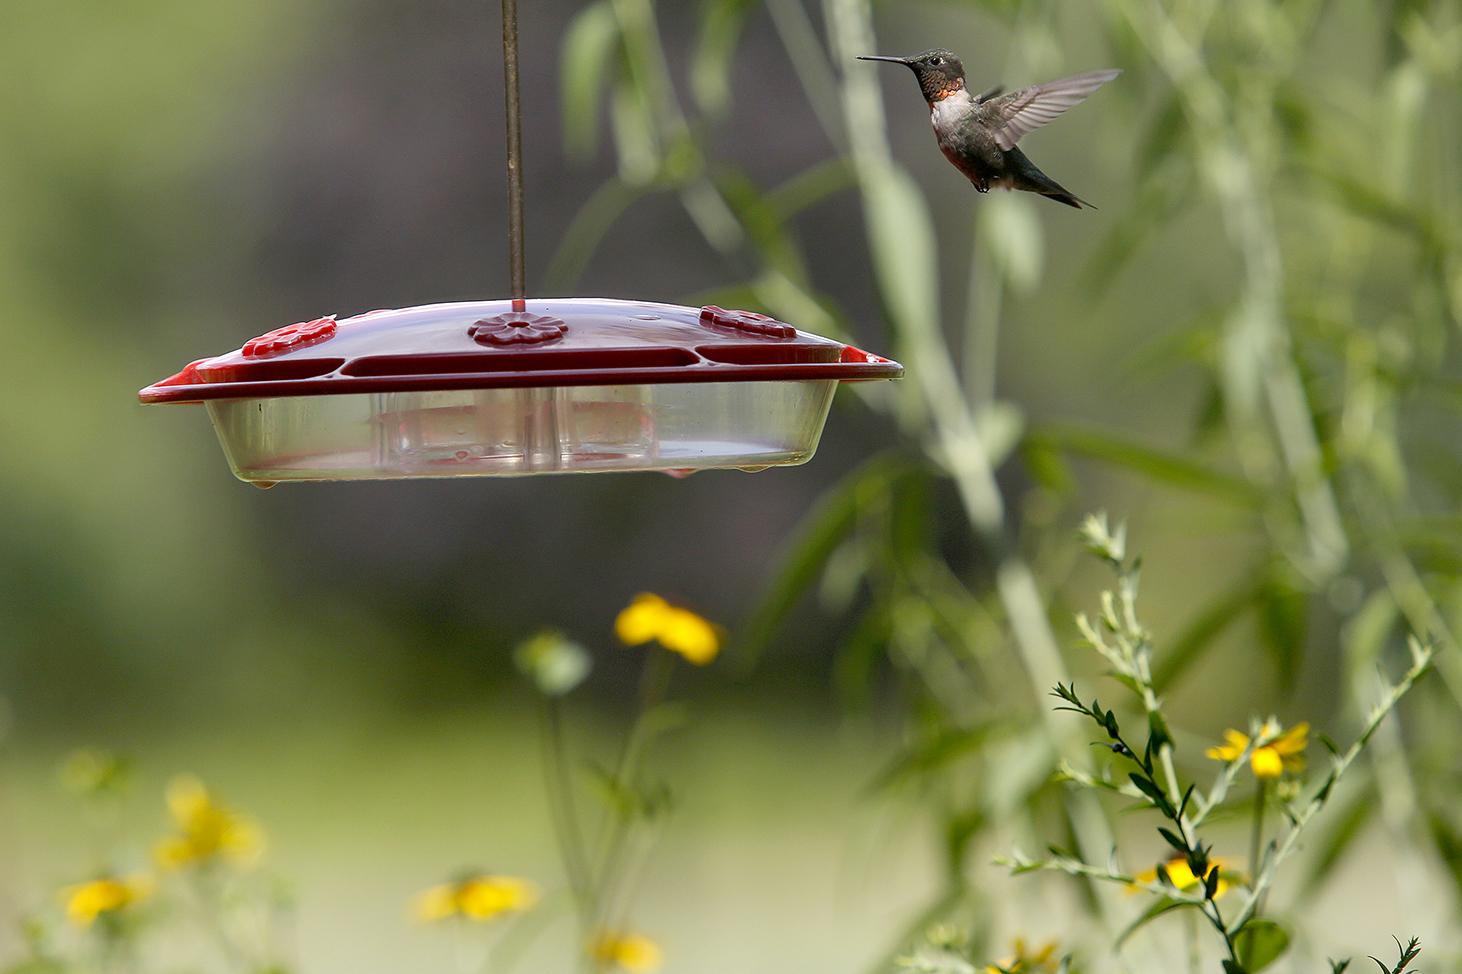 Tiny Hummingbirds Are True Marvels In Flight The Blade